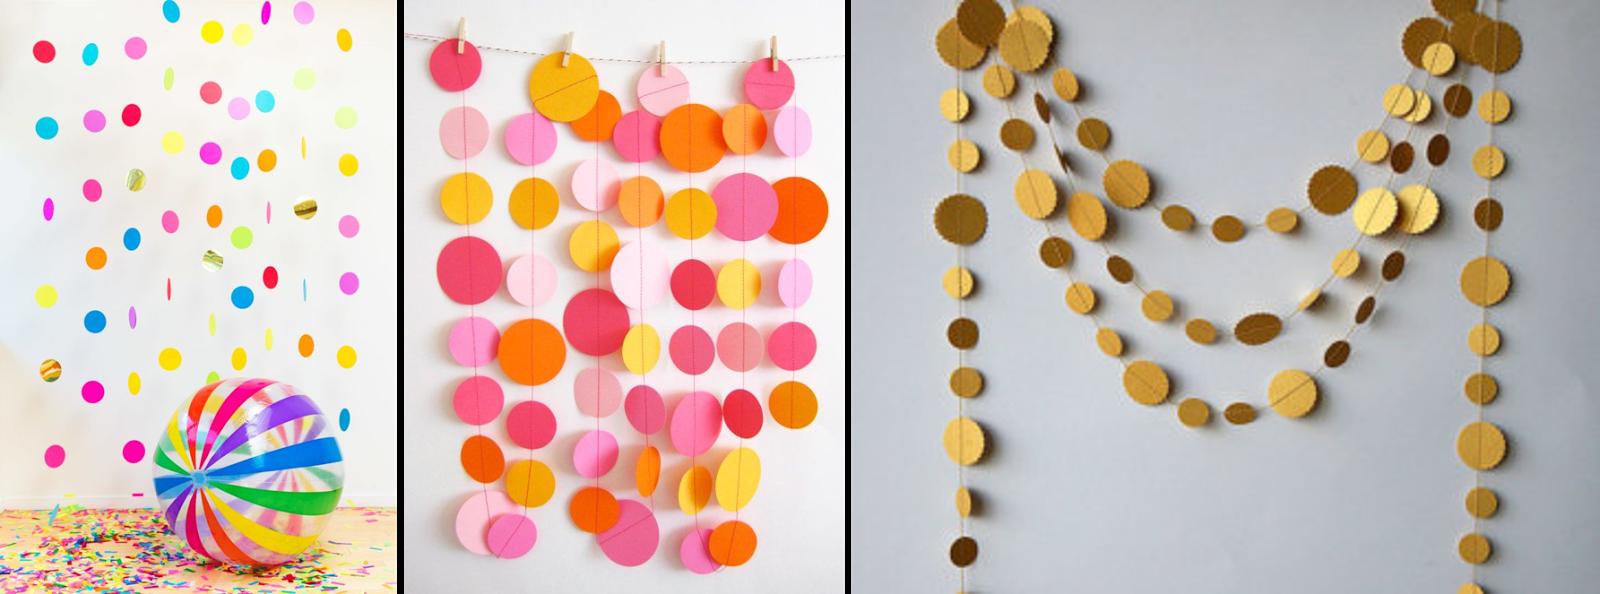 Cortinas hechas con confetti